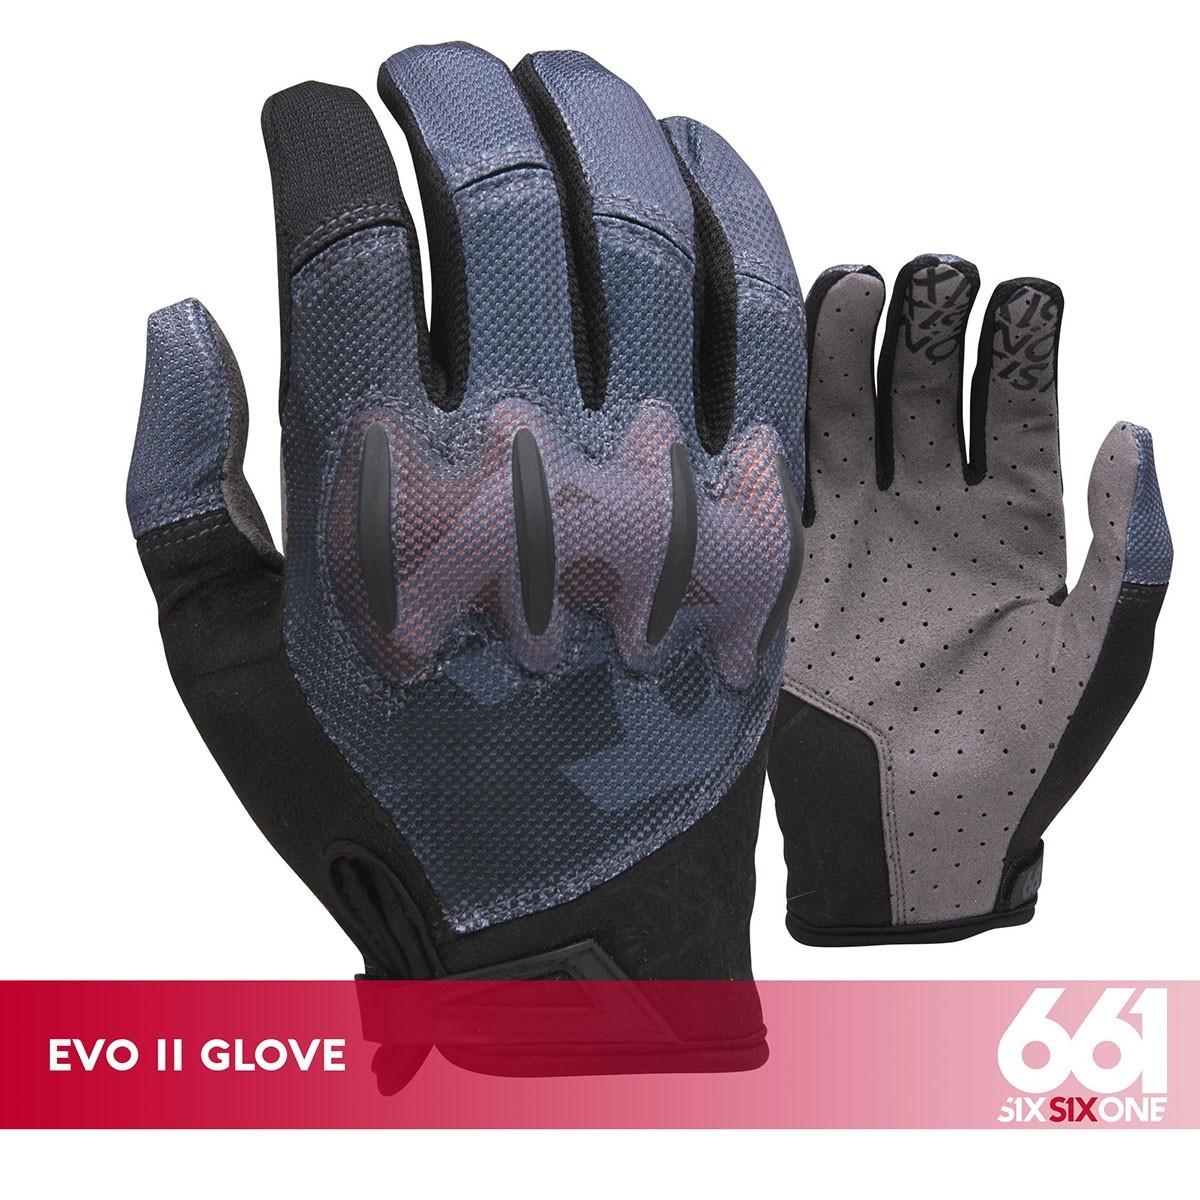 EVO II GLOVE BLACK/GRAY - Изображение - AQUAMATRIX